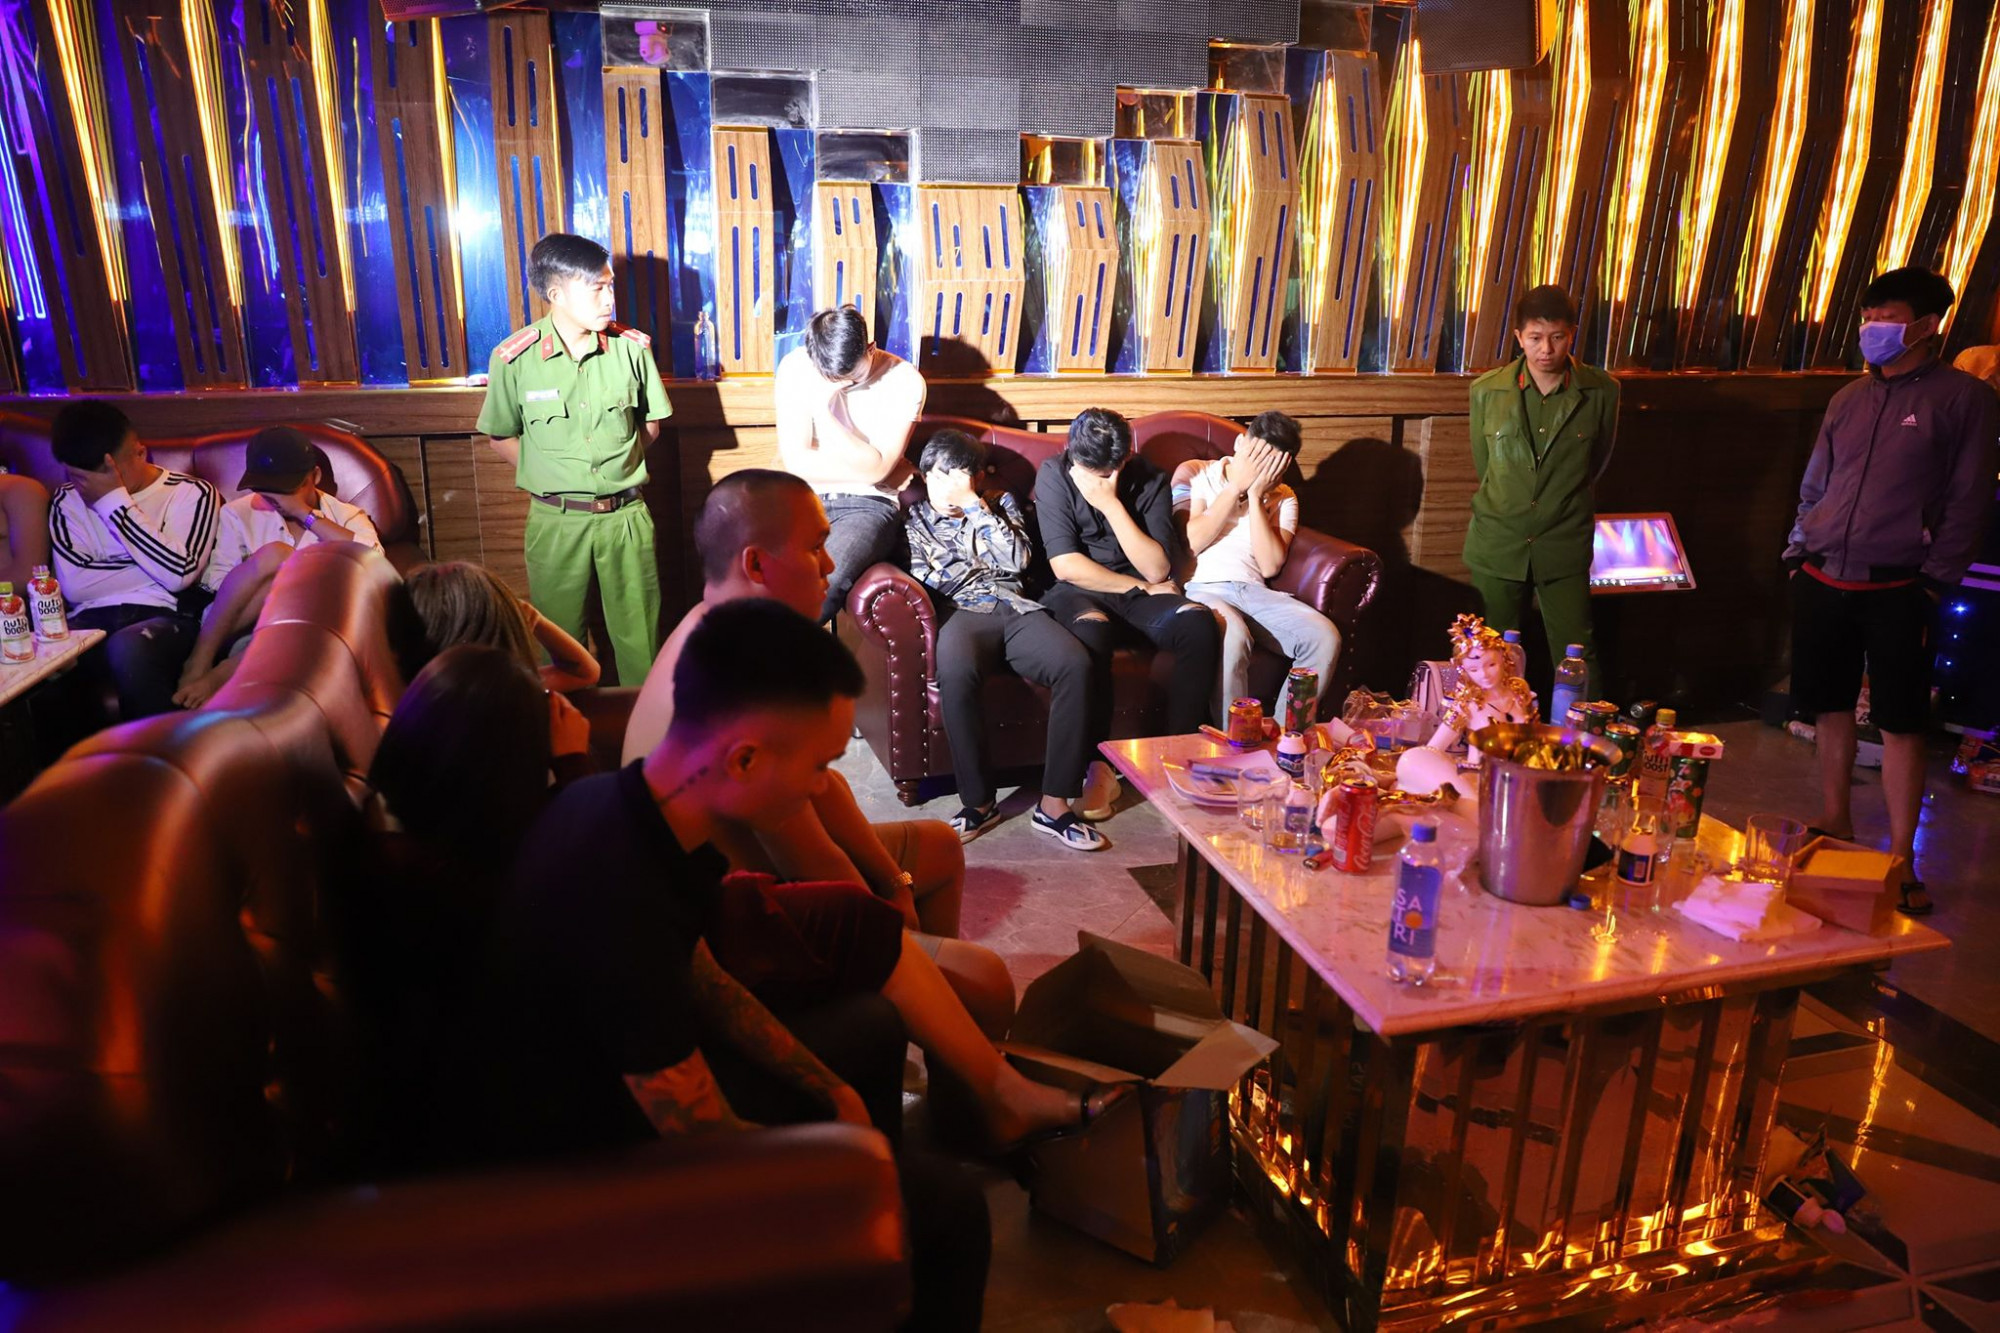 Hơn 20 thanh niên nam, nữ vào quán karaoke sử dụng ma túy đá